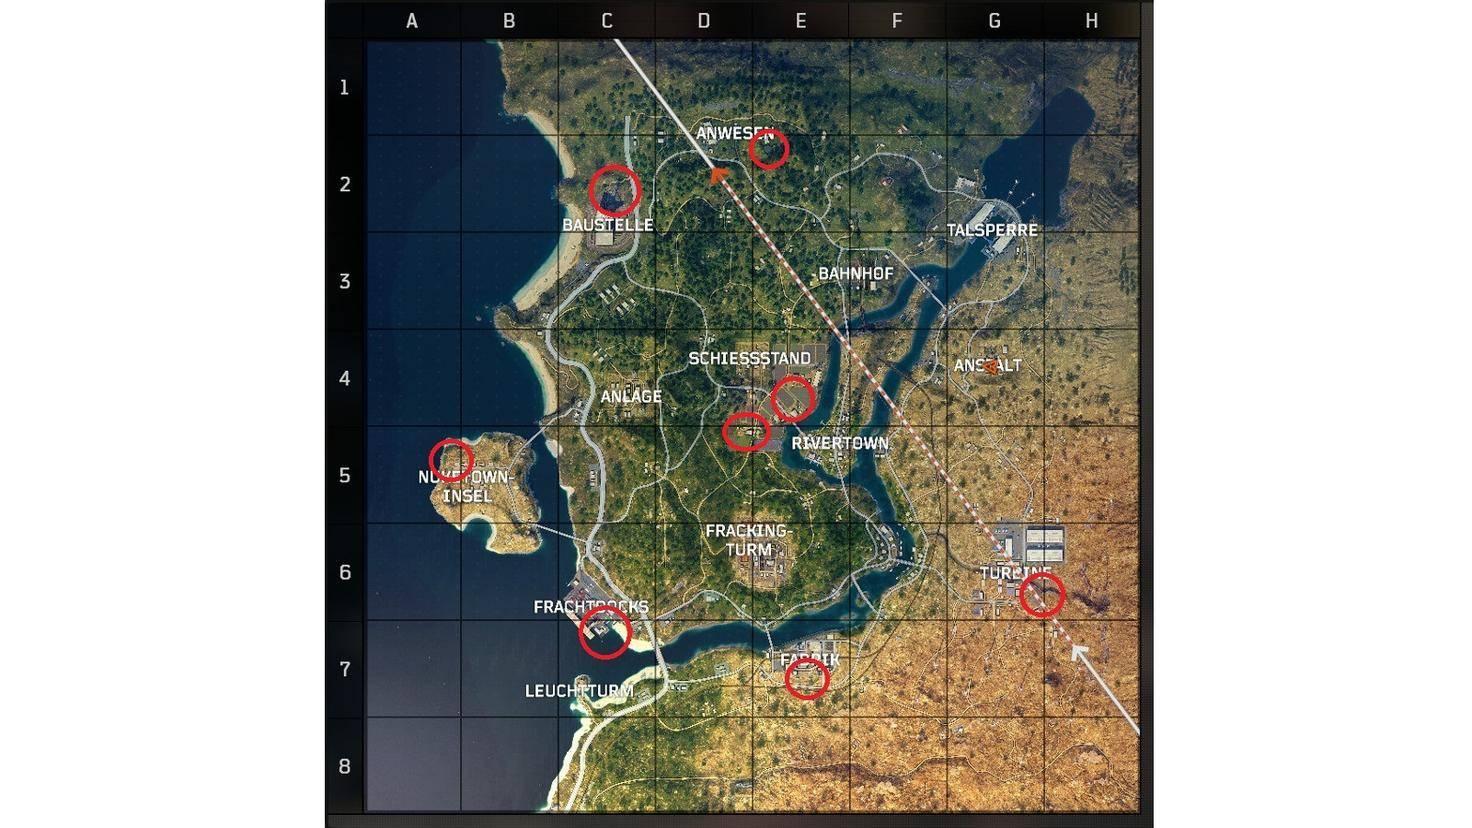 Alle 8 Spawnpunkte für Helikopter im Überblick